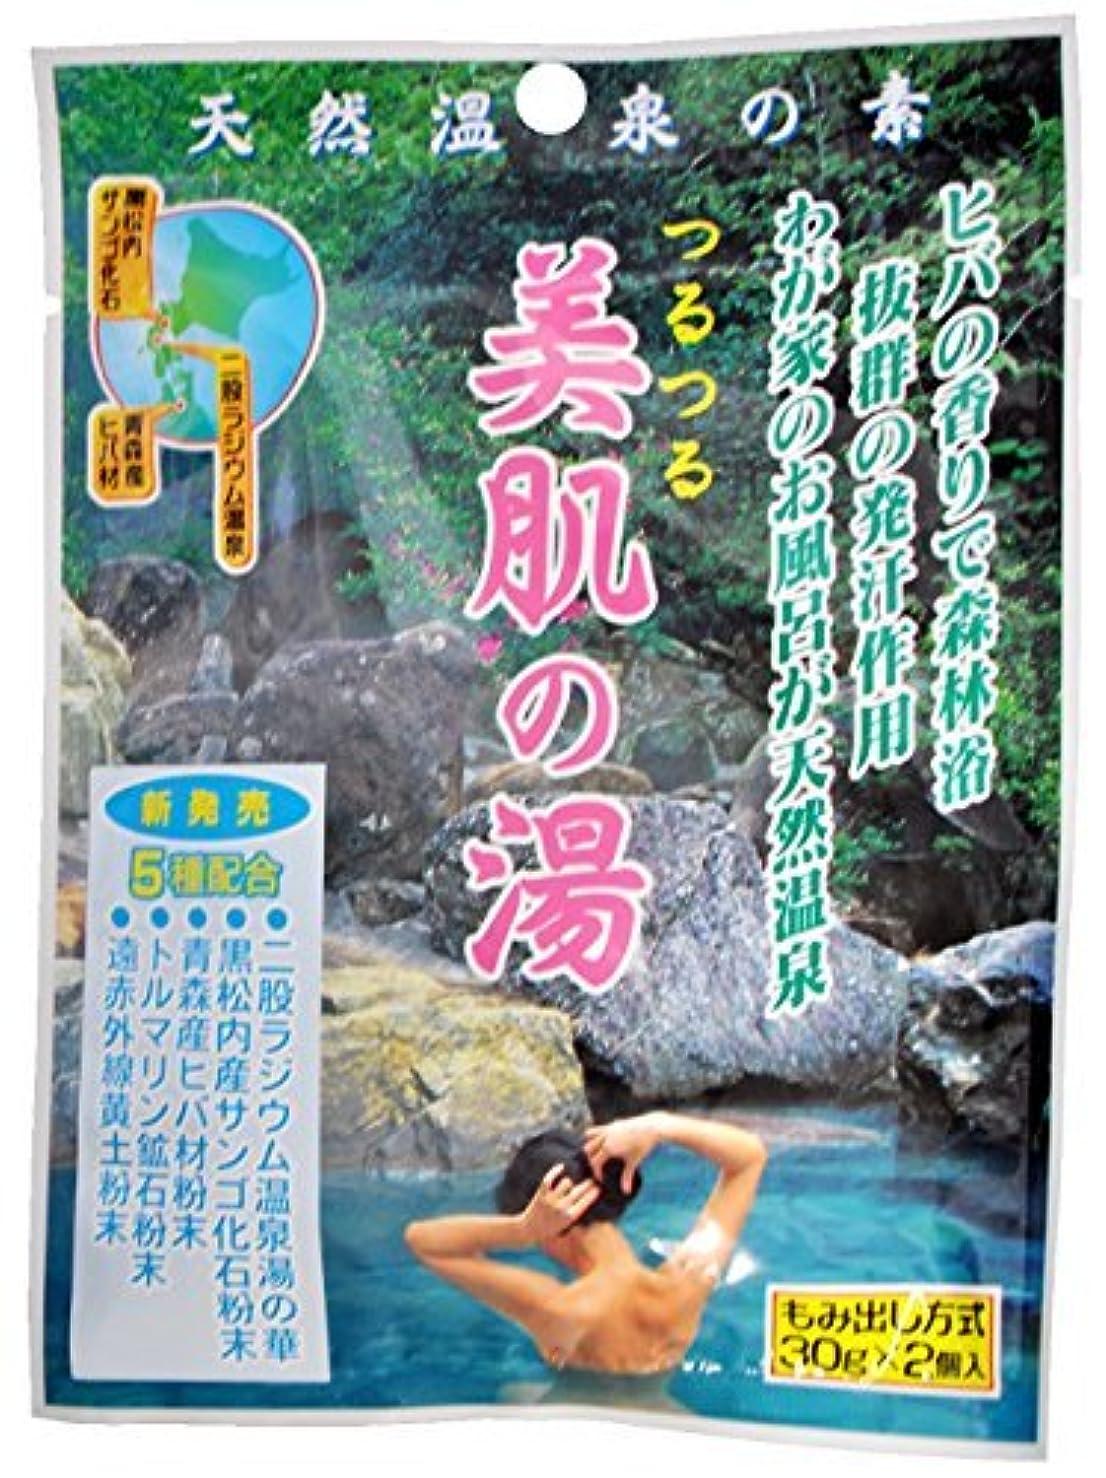 デッドロックループ凶暴な【まとめ買い】天然成分入浴剤 つるつる 美肌の湯 2袋入 二股ラジウム温泉の湯の華 ×50個